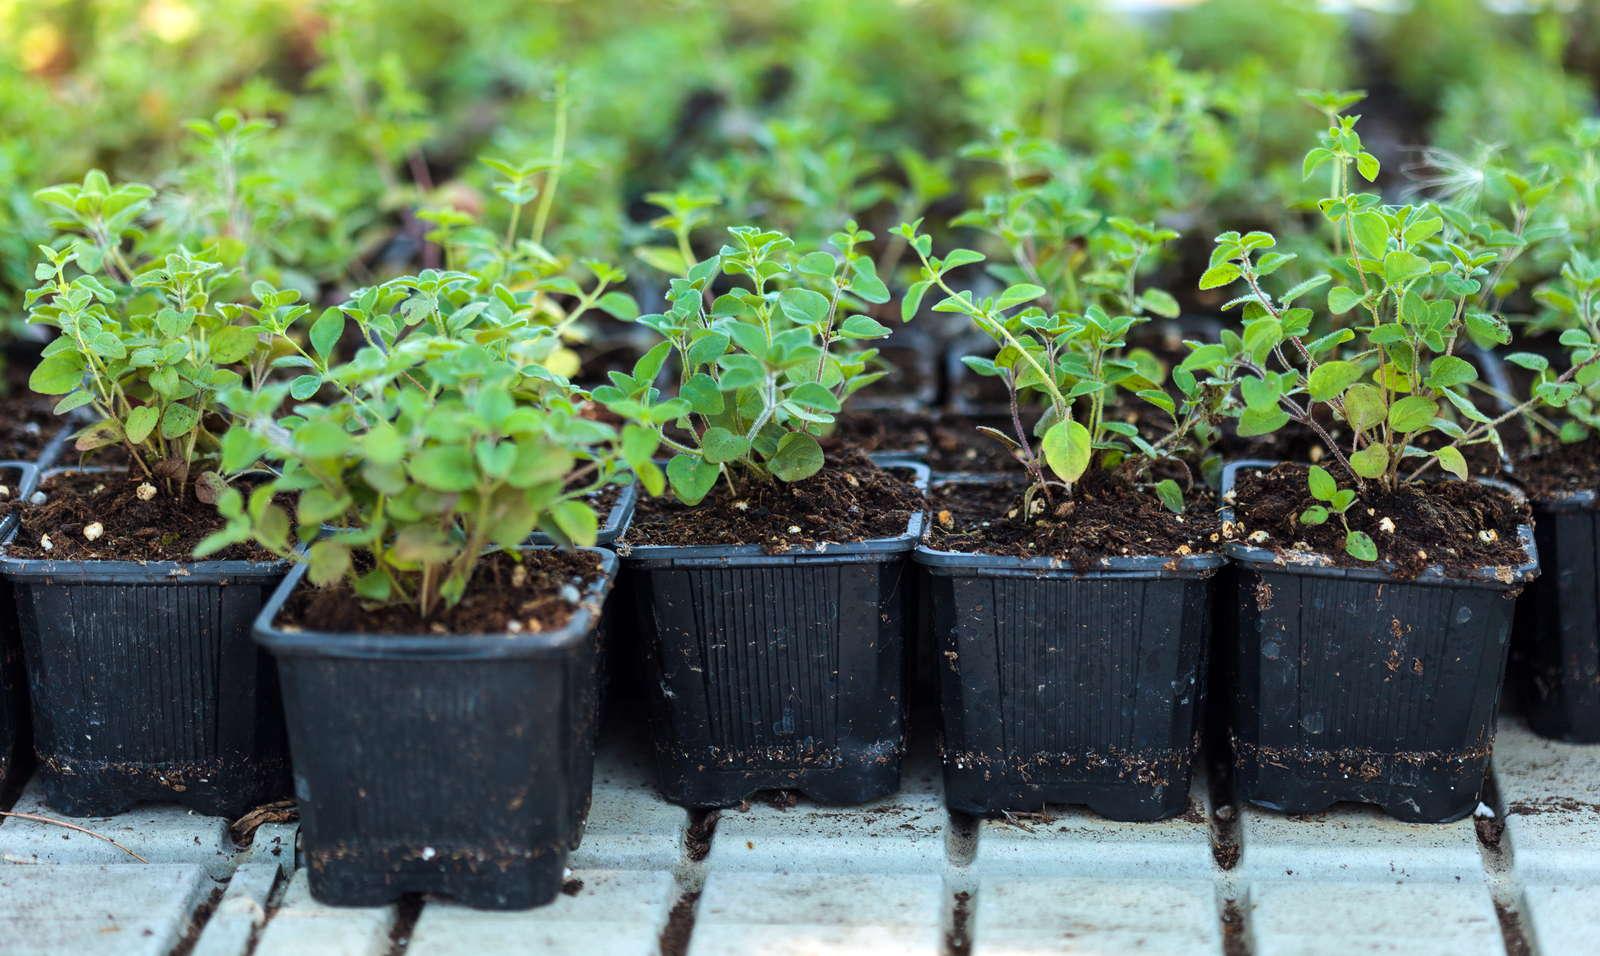 10 Pflanzen Die Man Leicht Durch Stecklinge Vermehren Kann Plantura